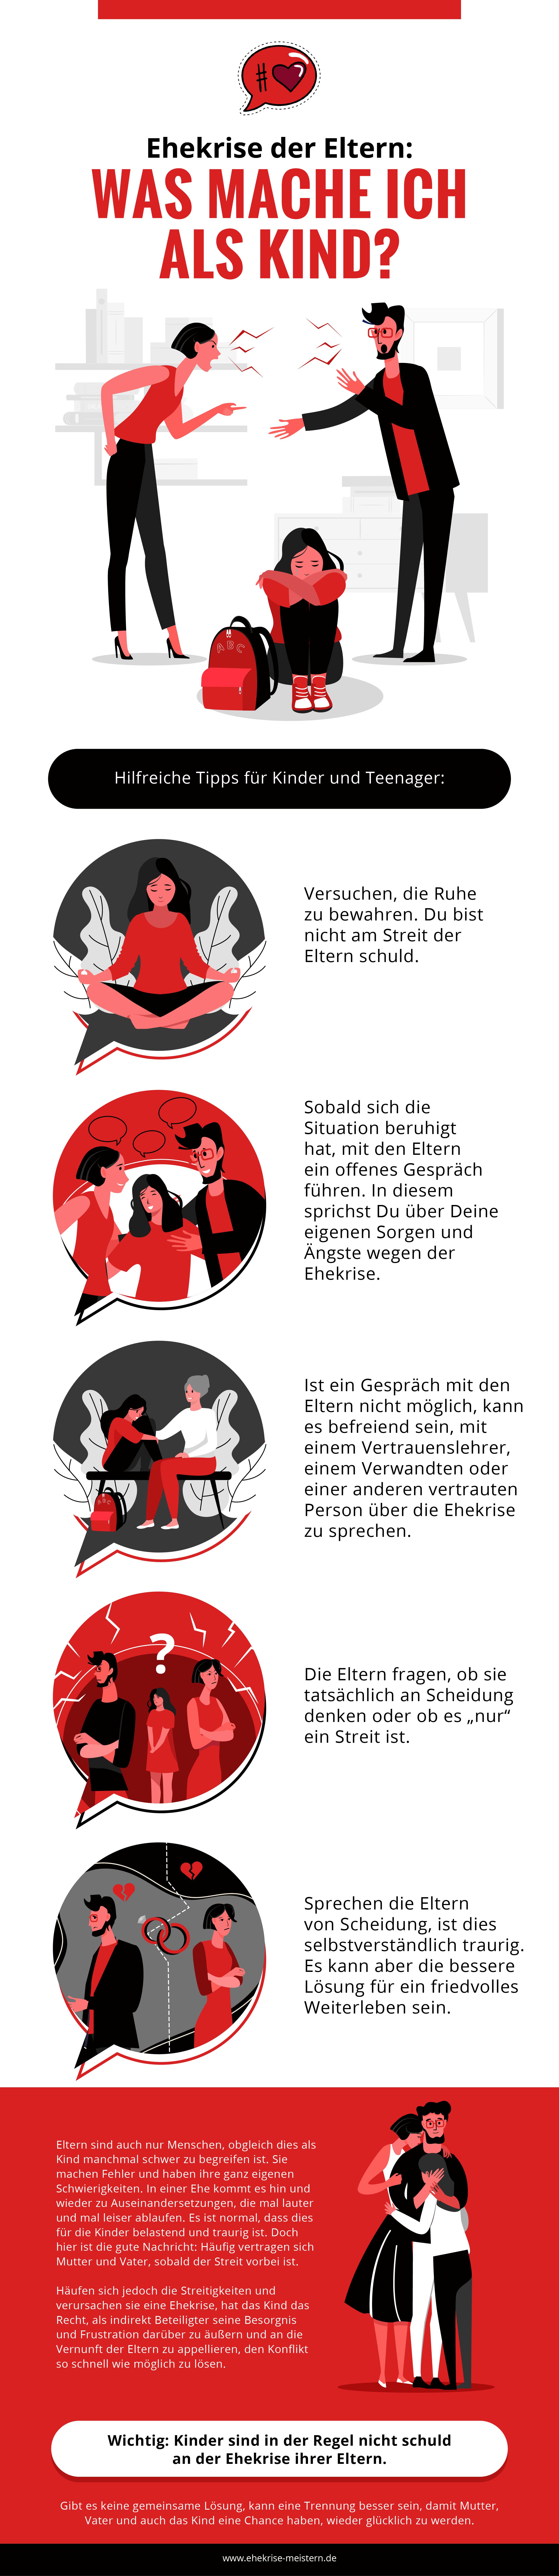 Infografik Ehekrise Der Eltern: Was Mache Ich Als Kind